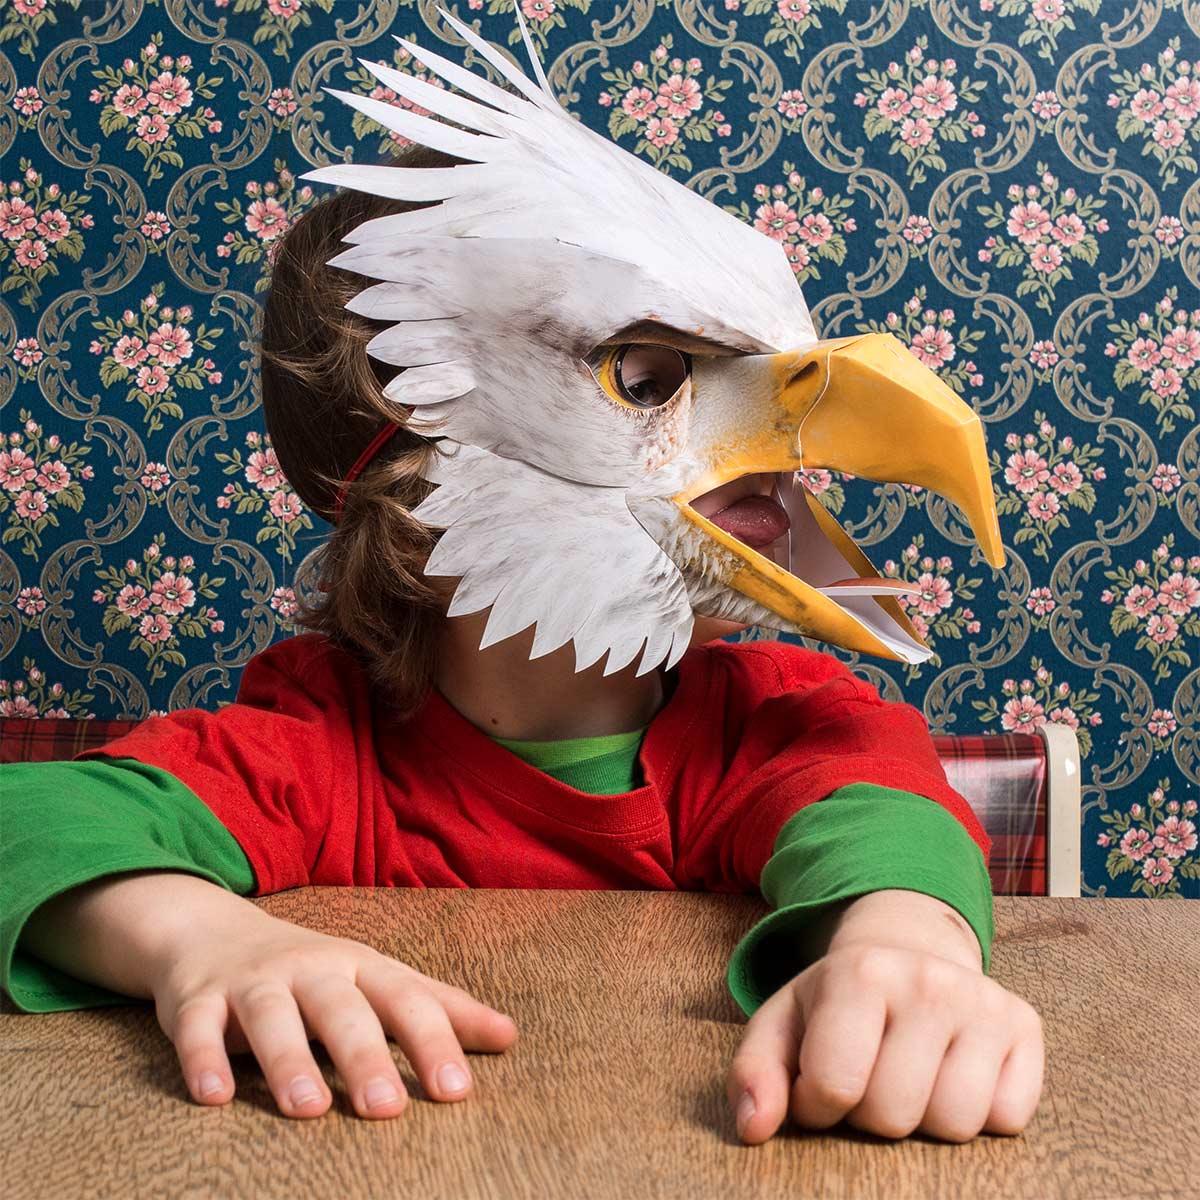 Adler, zeigt Zunge